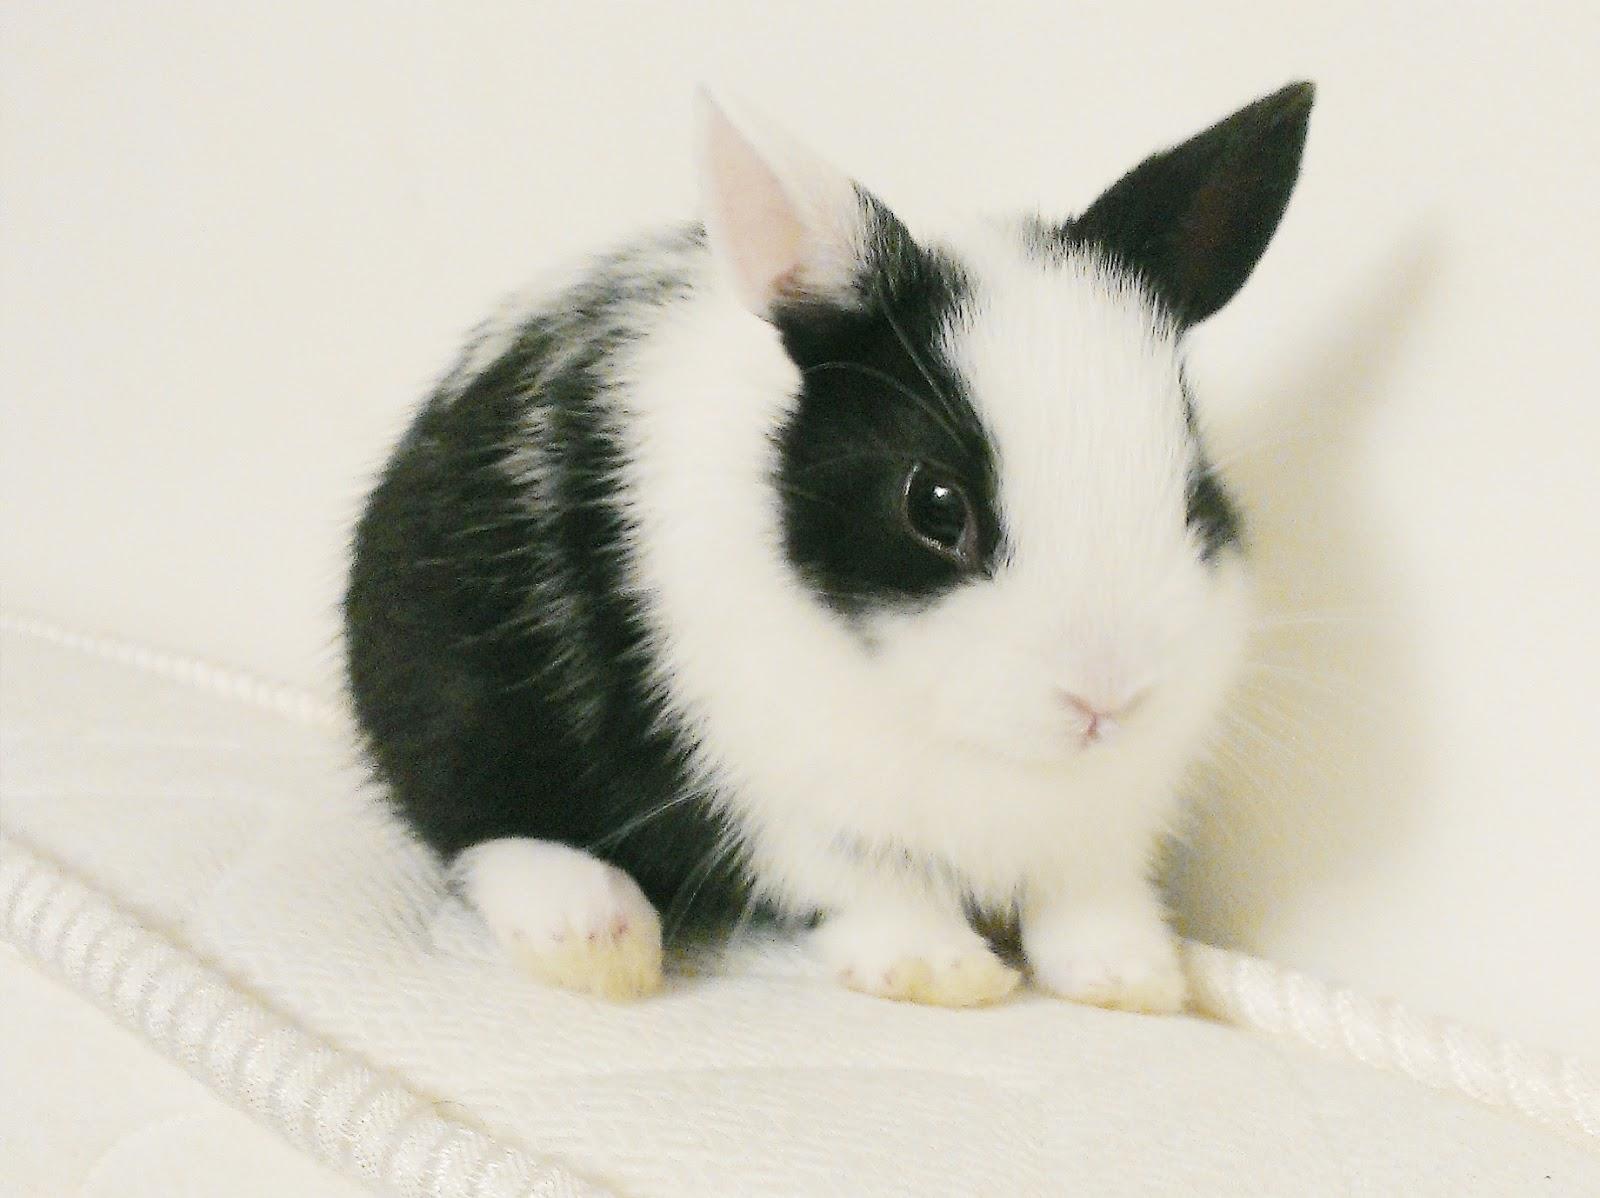 Les avantages d 39 avoir un lapin captain 39 clem - Photo de lapin mignon ...